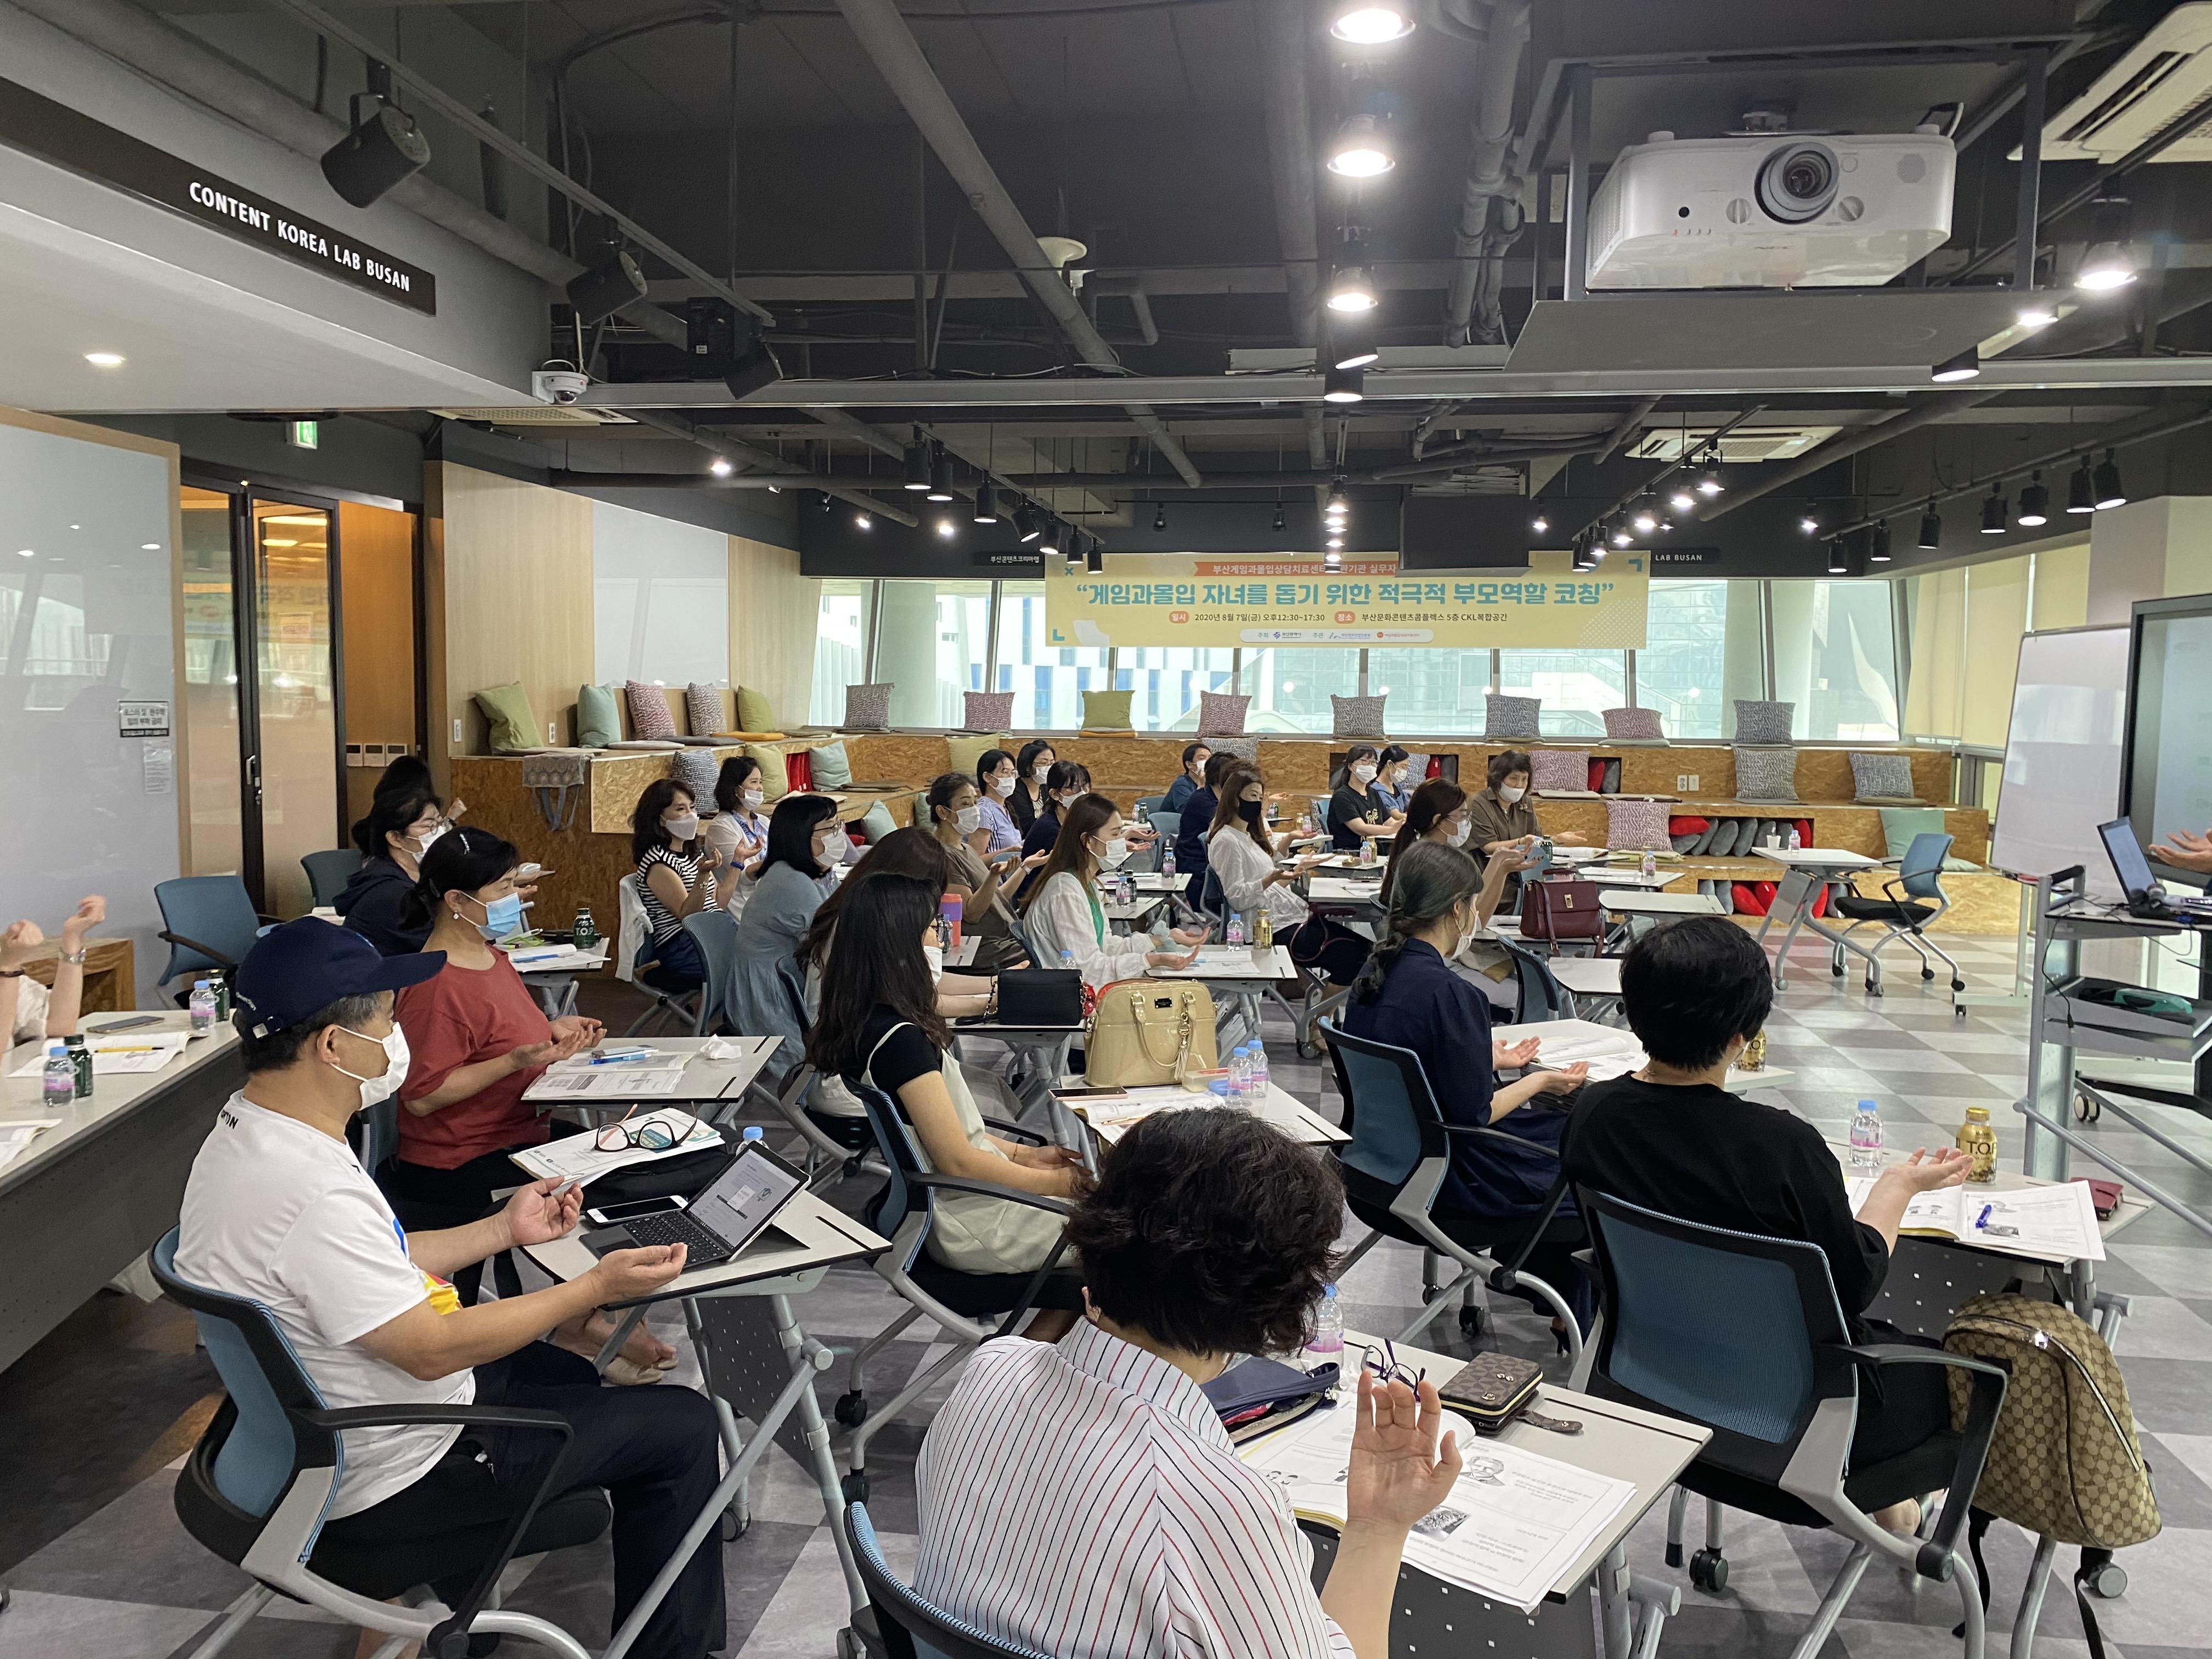 부산게임과몰입상담치료센터 2020 유관기관 상담실무자 역량강화 워크숍 개최